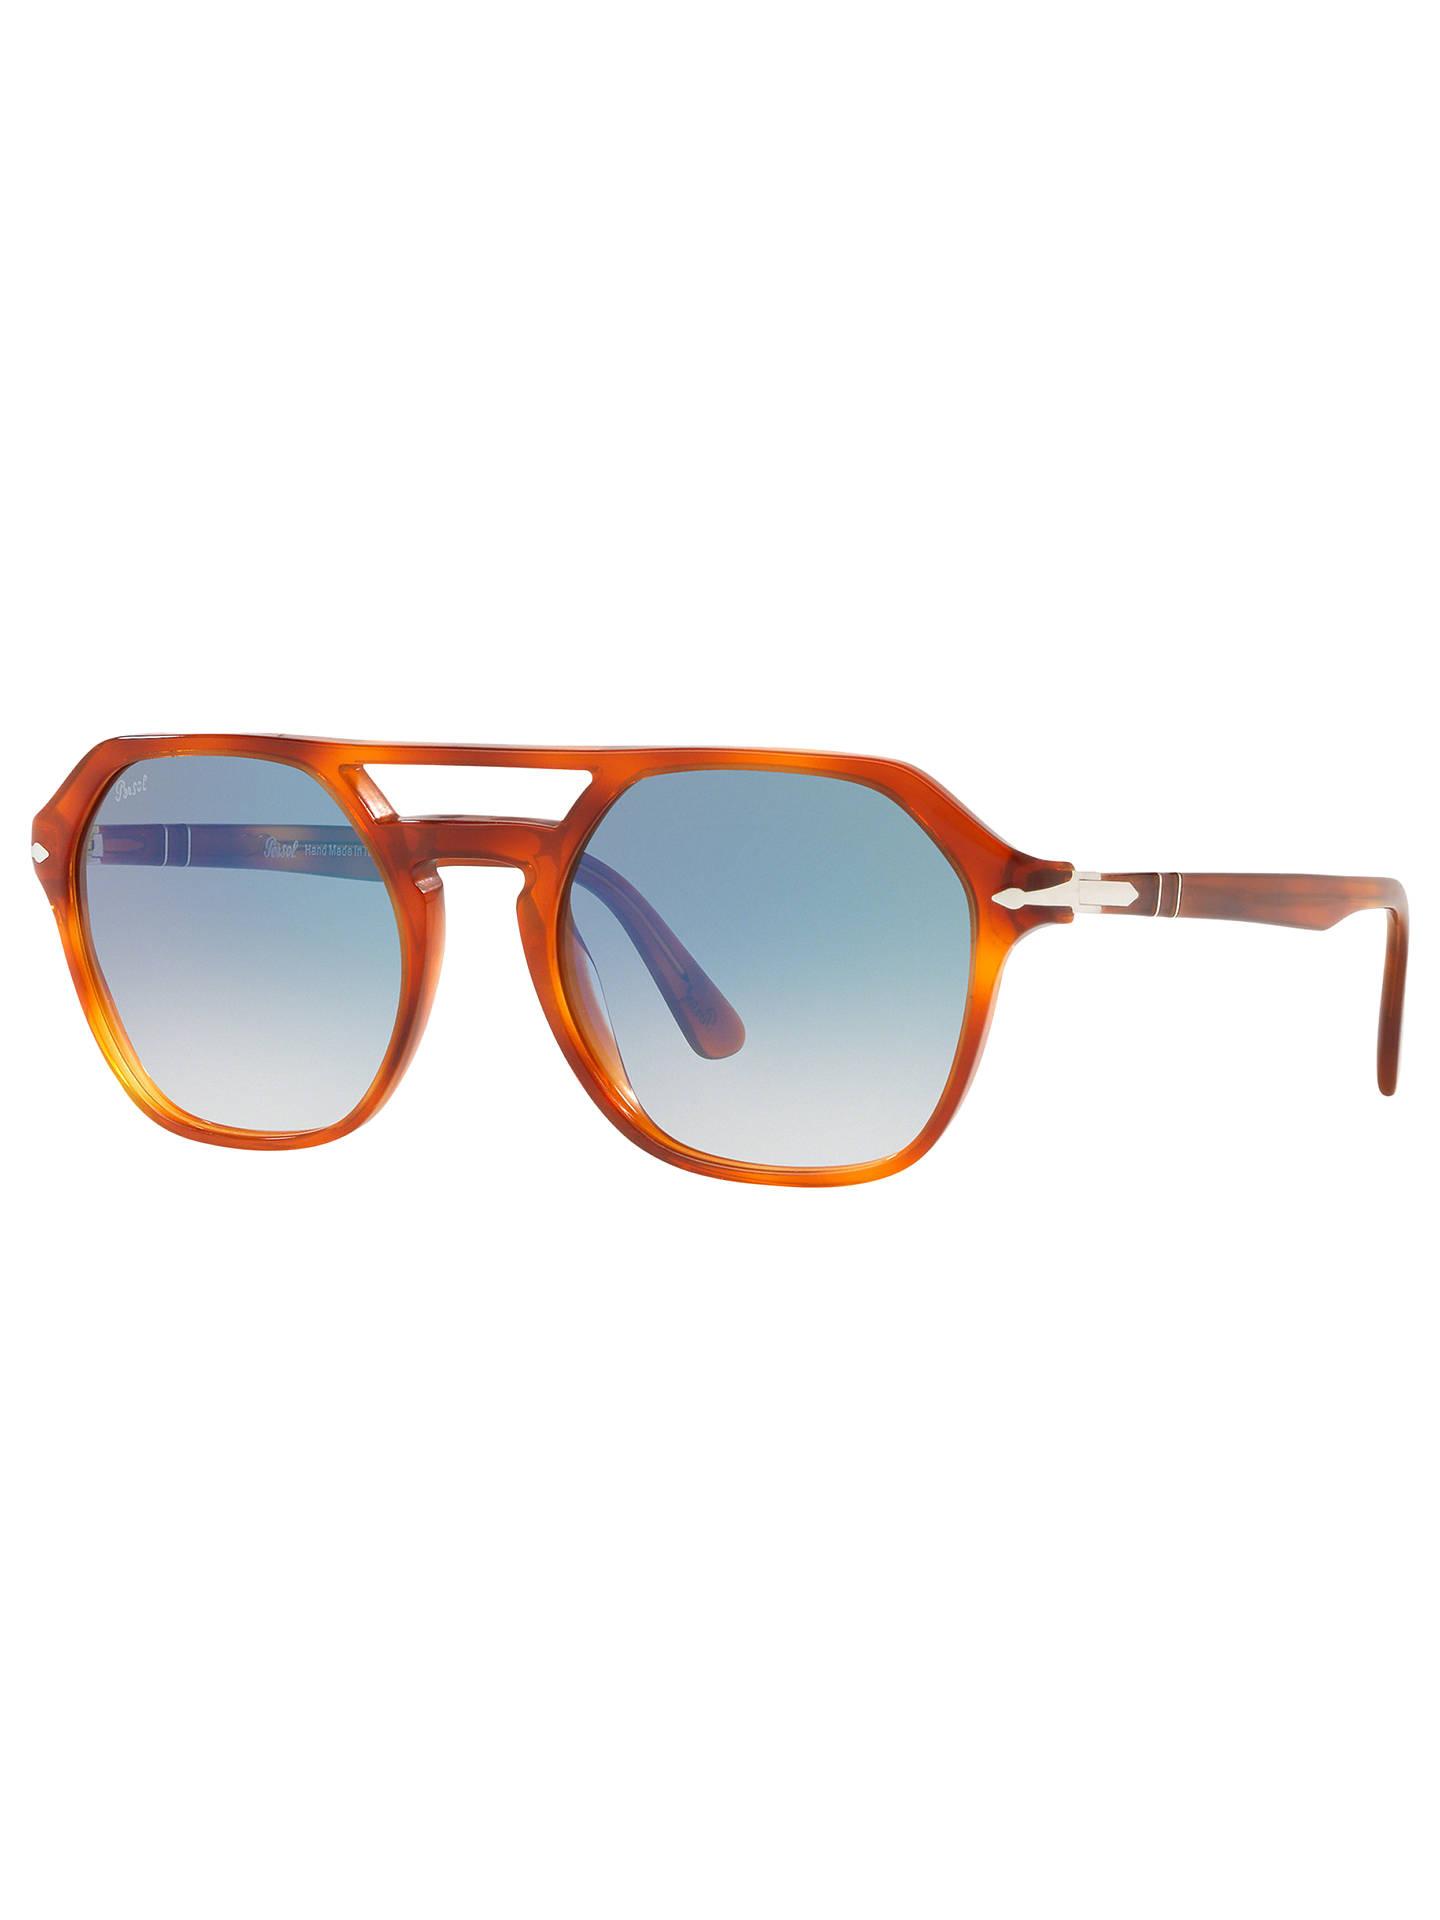 25ea8a31bbd2f Buy Persol PO3194S Men s Geometric Sunglasses